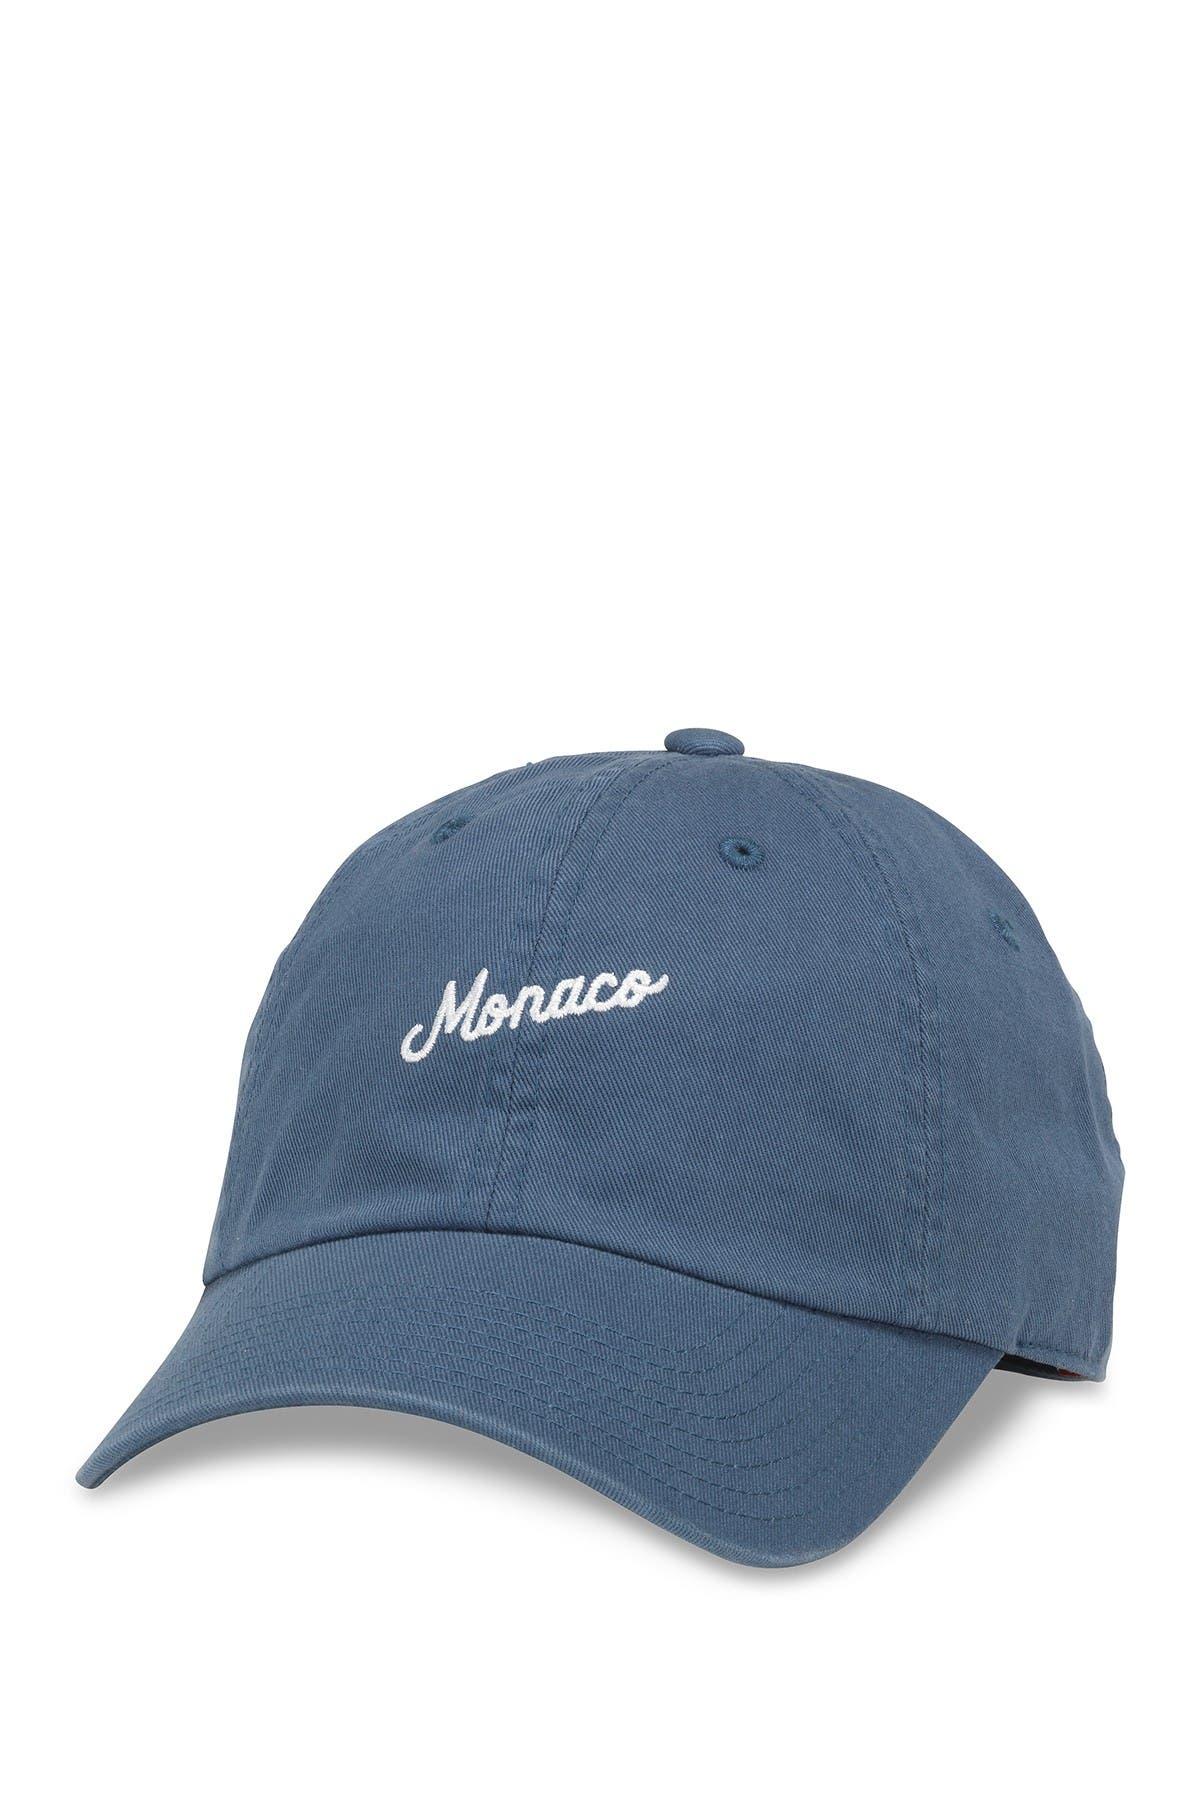 Image of American Needle Monaco Embroidered Baseball Cap